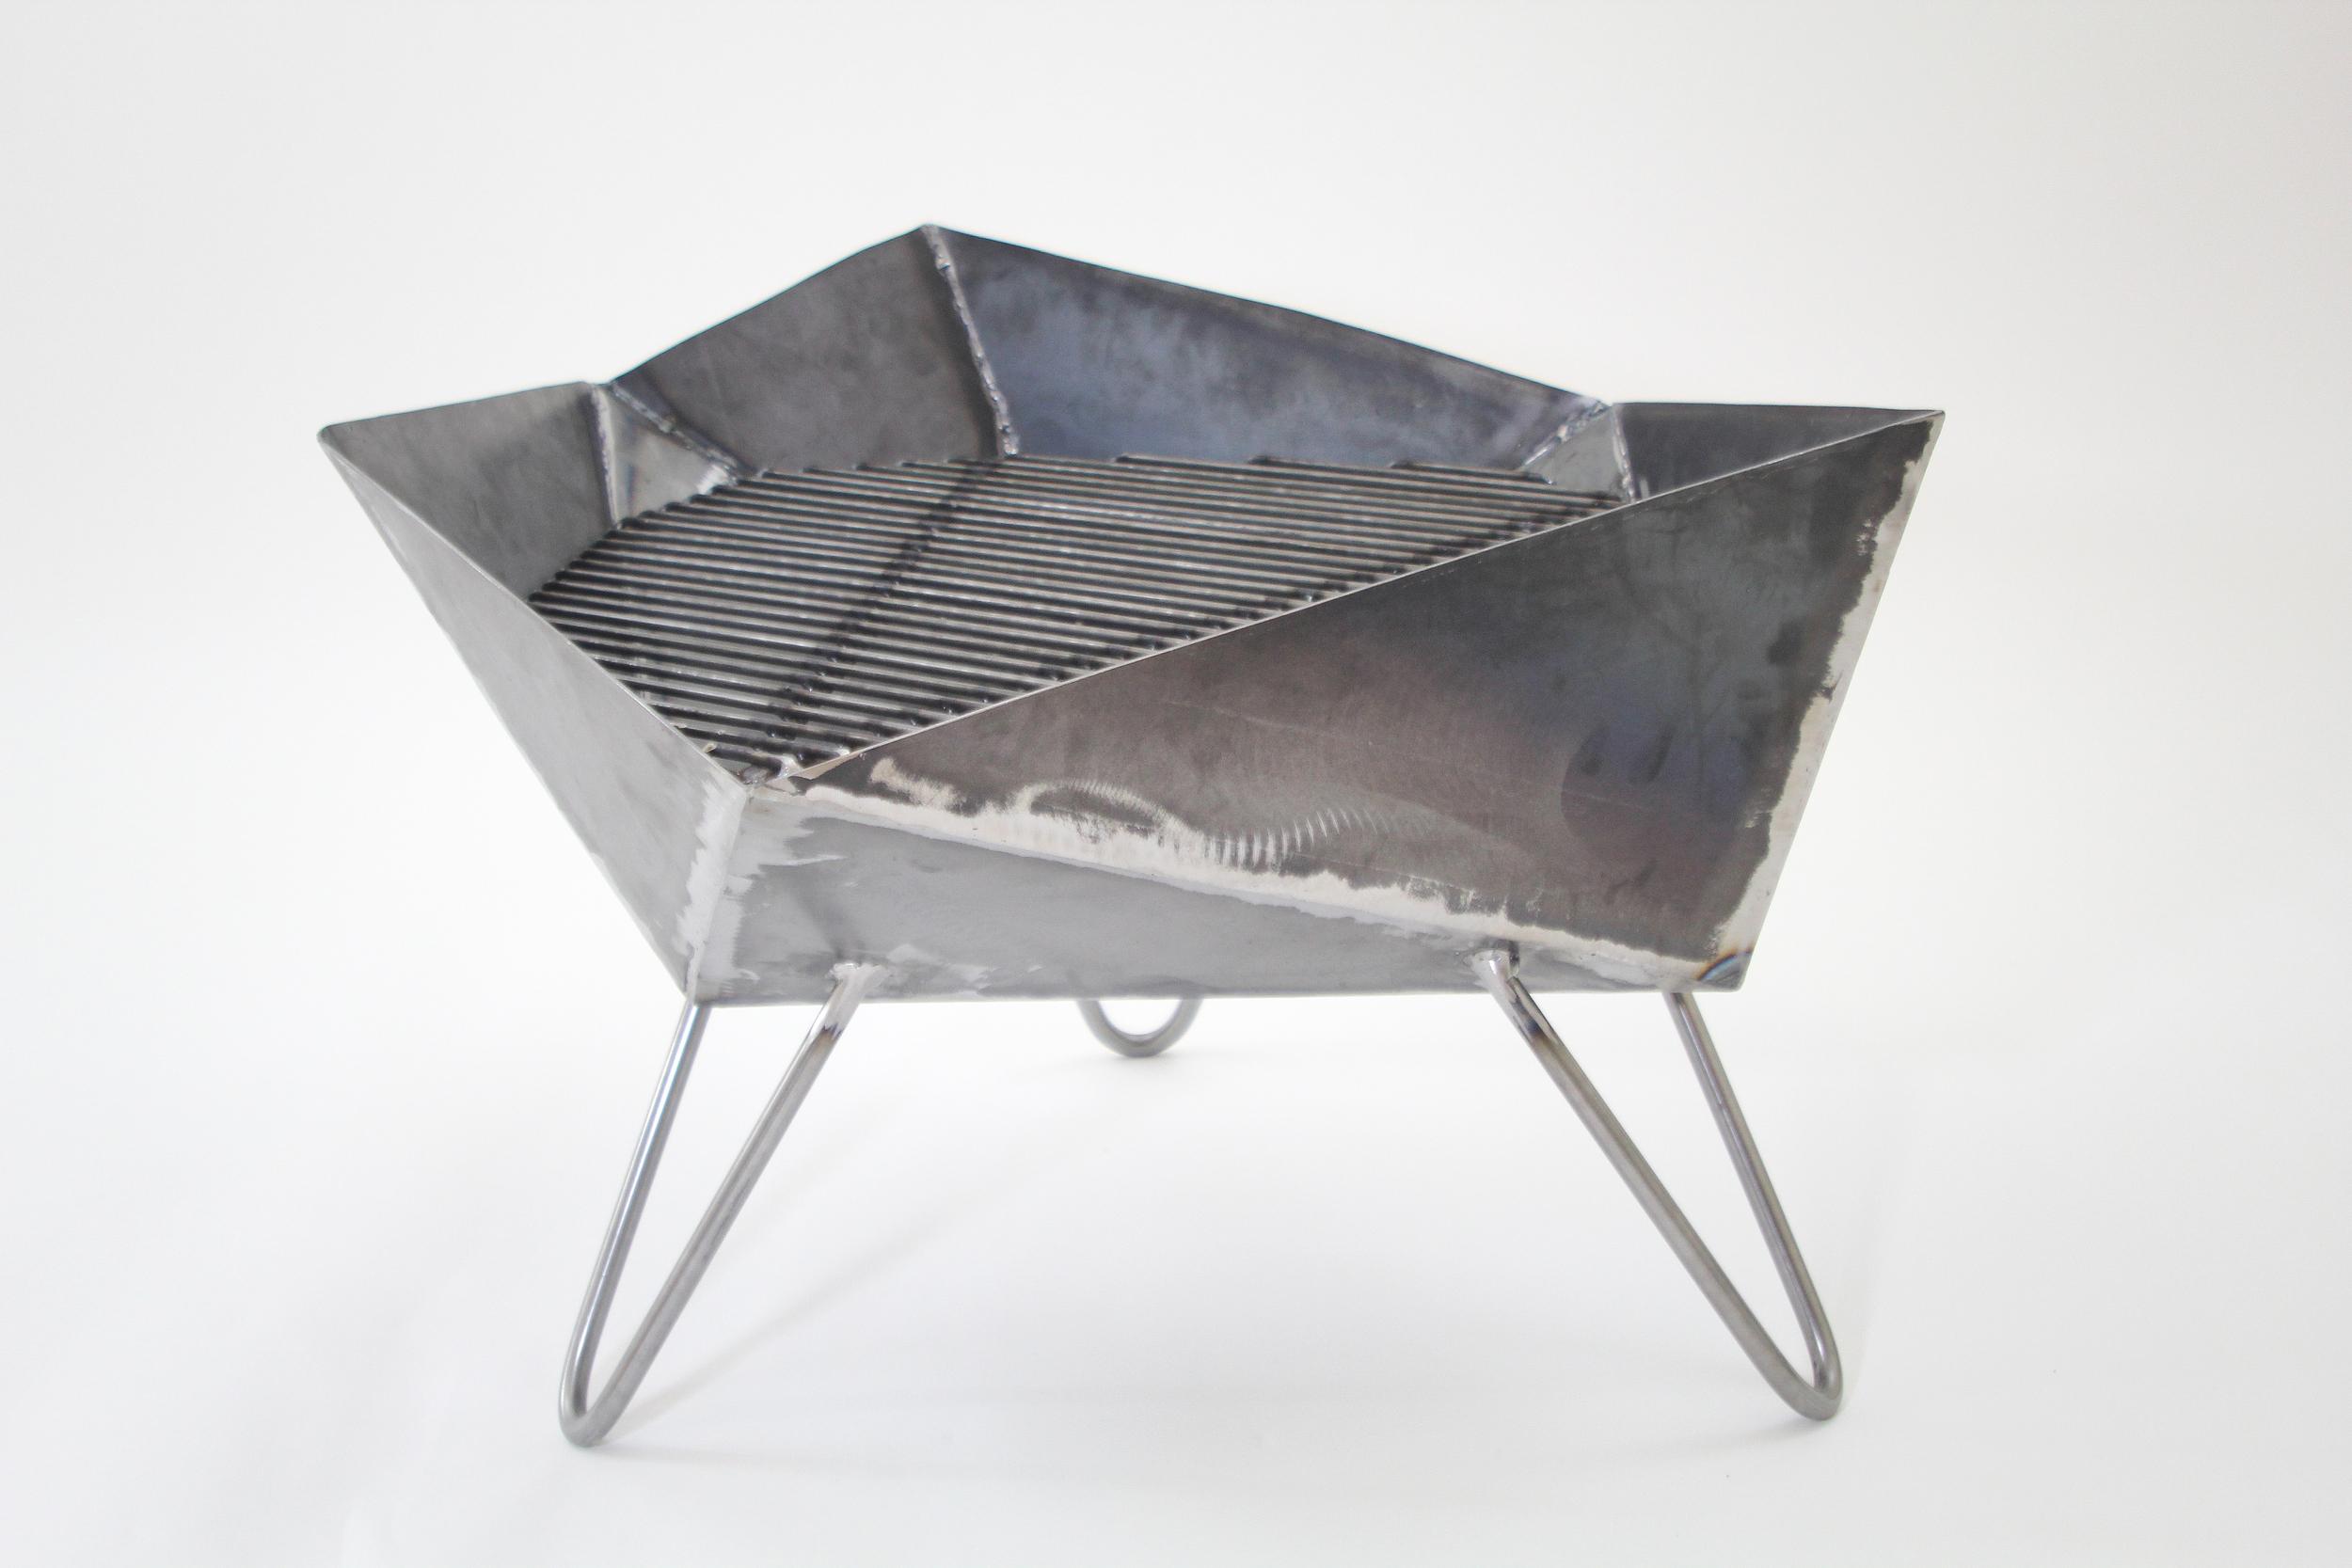 ICO Grill Concept